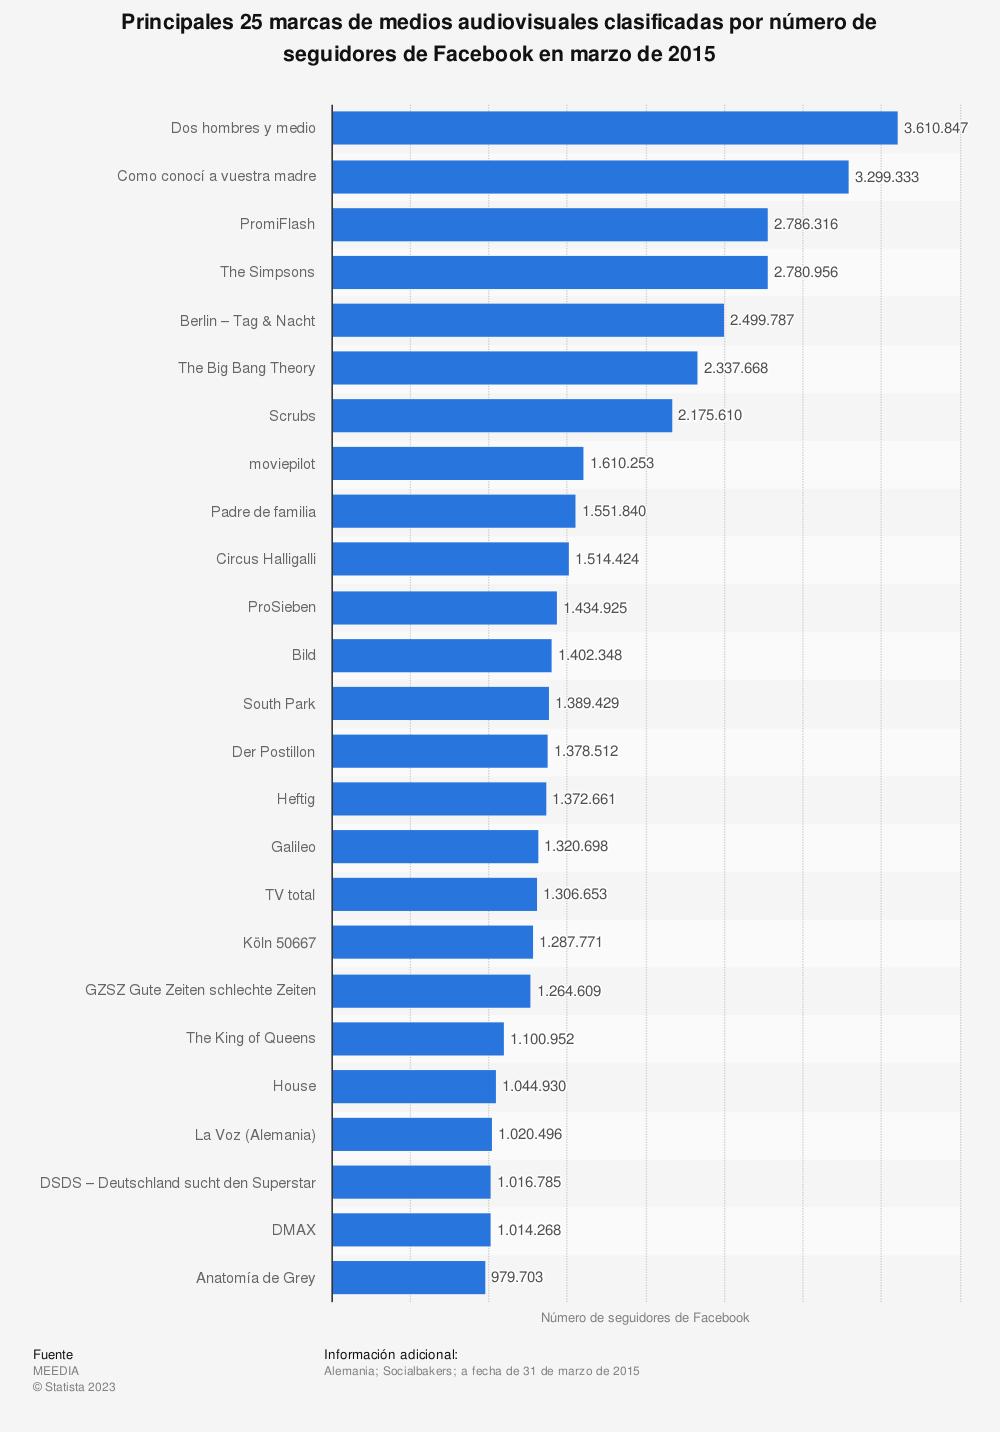 Estadística: Principales 25 marcas de medios audiovisuales clasificadas por número de seguidores de Facebook en marzo de 2015 | Statista